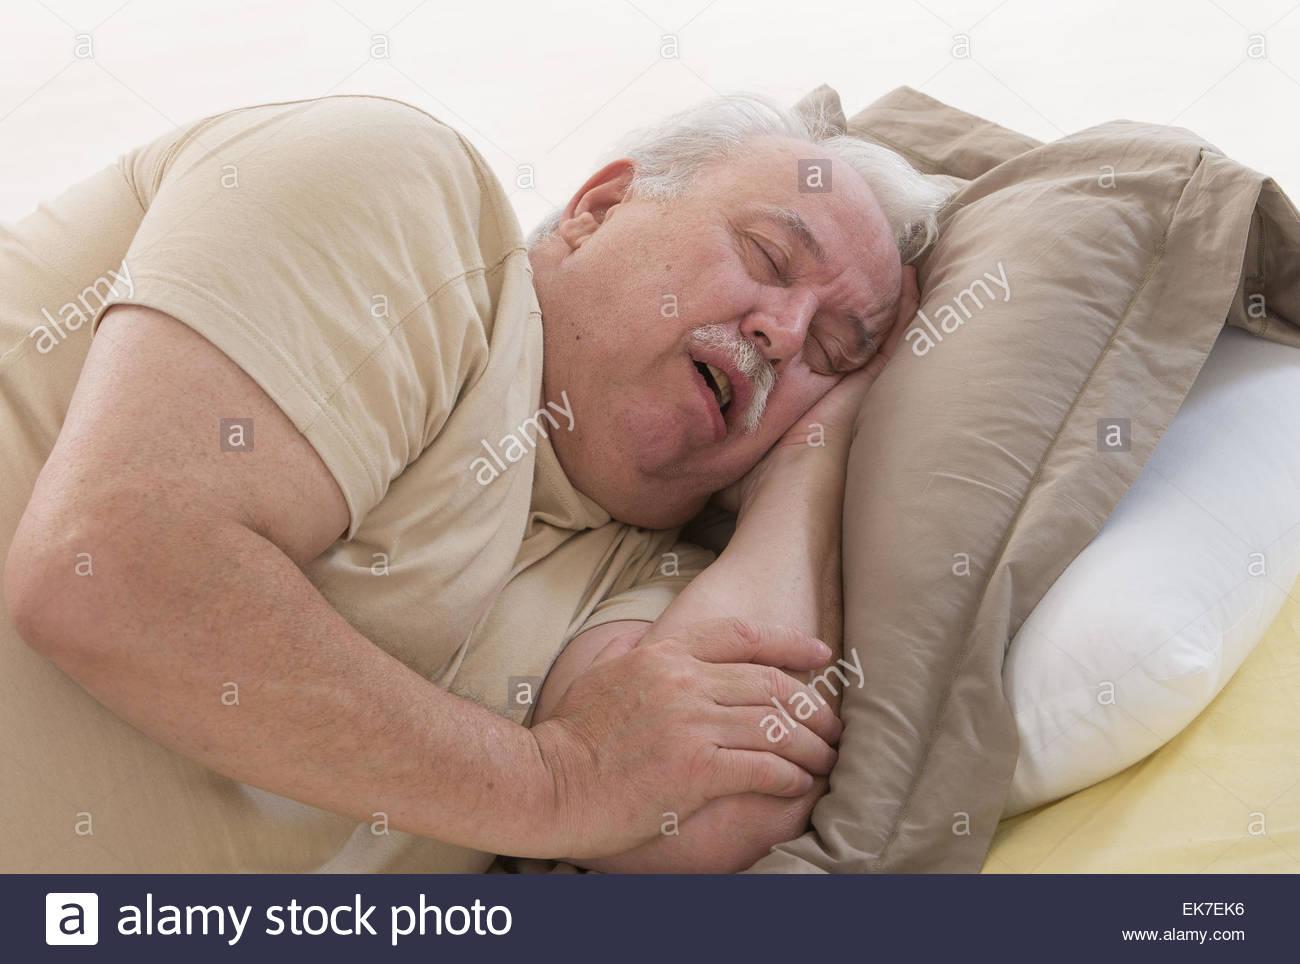 Причины повышенной сонливости